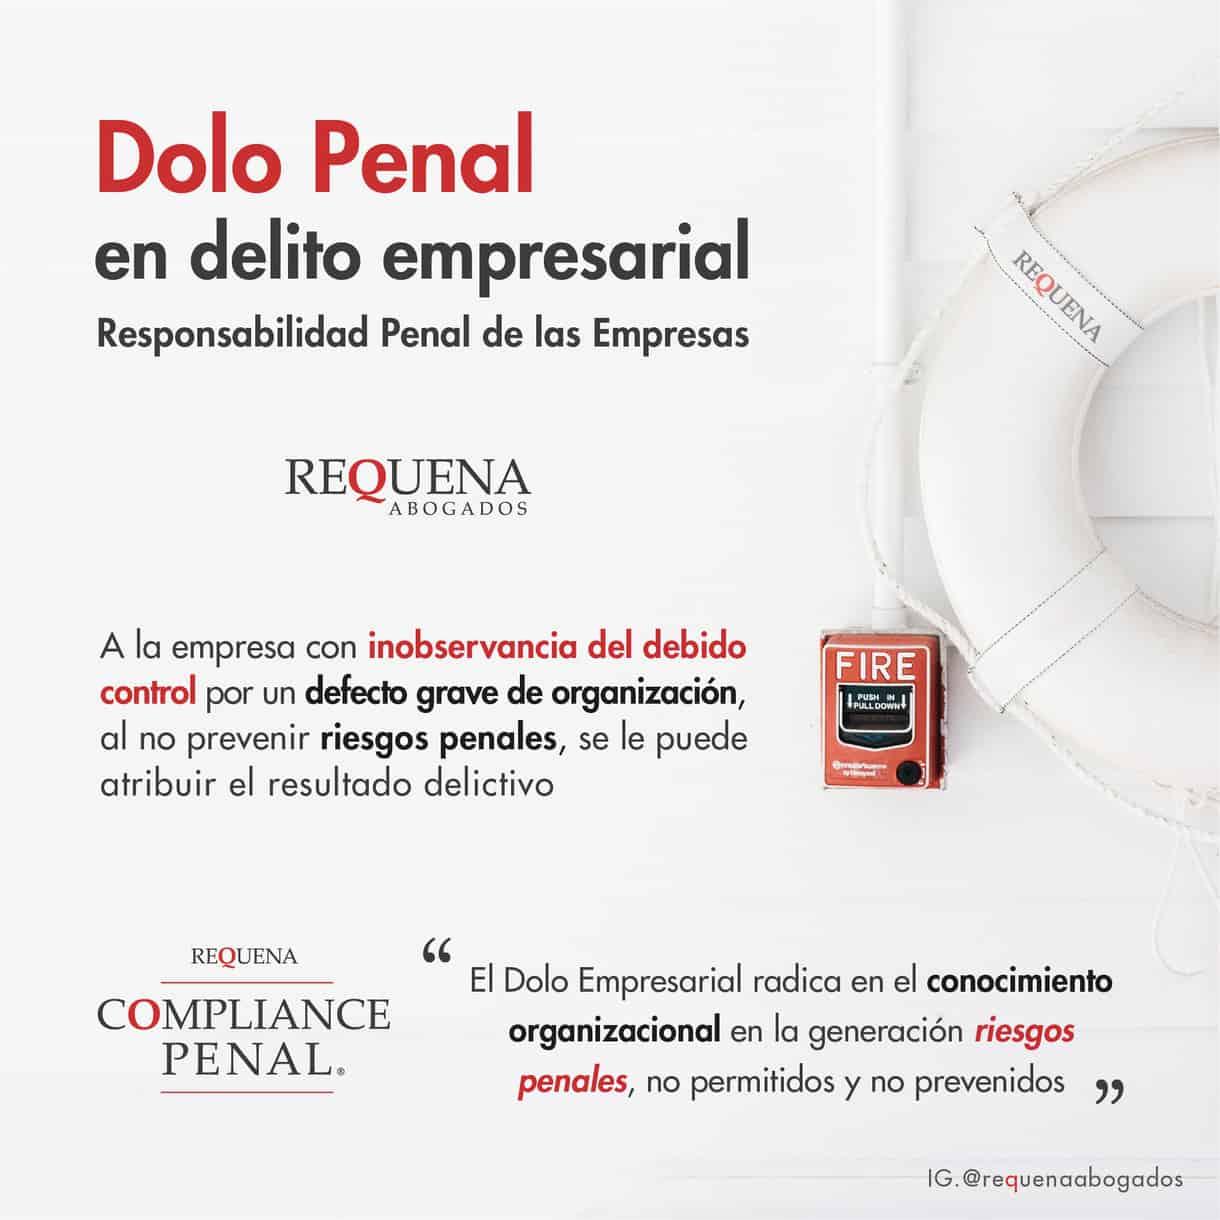 Dolo Penal | Compliance Penal | Requena Abogados